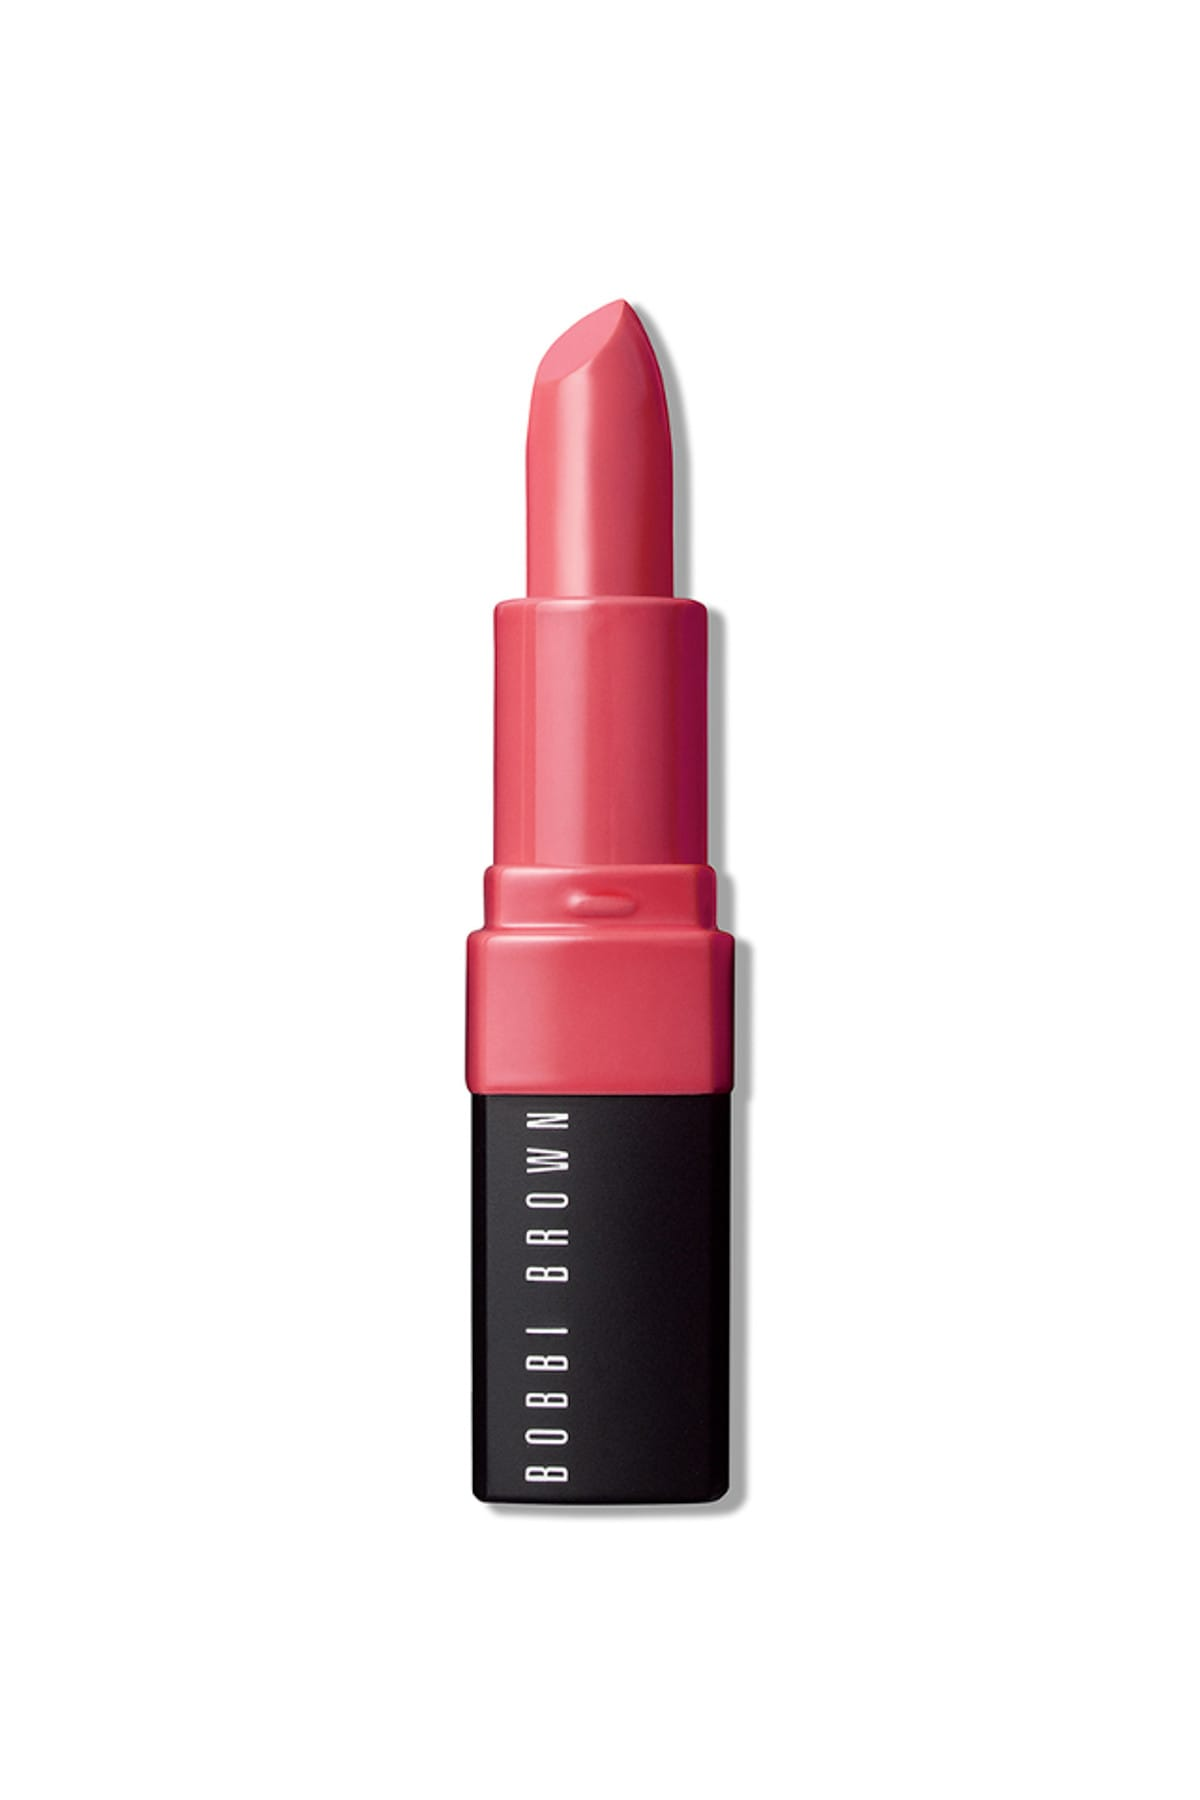 BOBBI BROWN Crushed Lip Color / Ruj Fh17 3.4g Bitten 716170186306 1